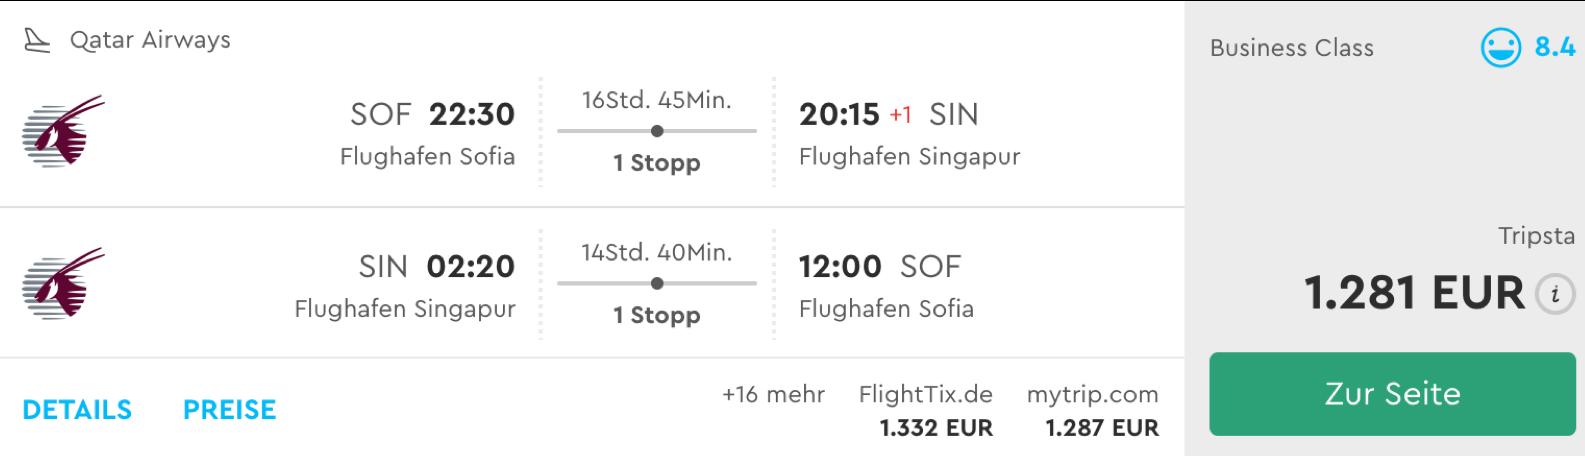 Günstige Qatar Airways Business Class Flüge nach Singapur